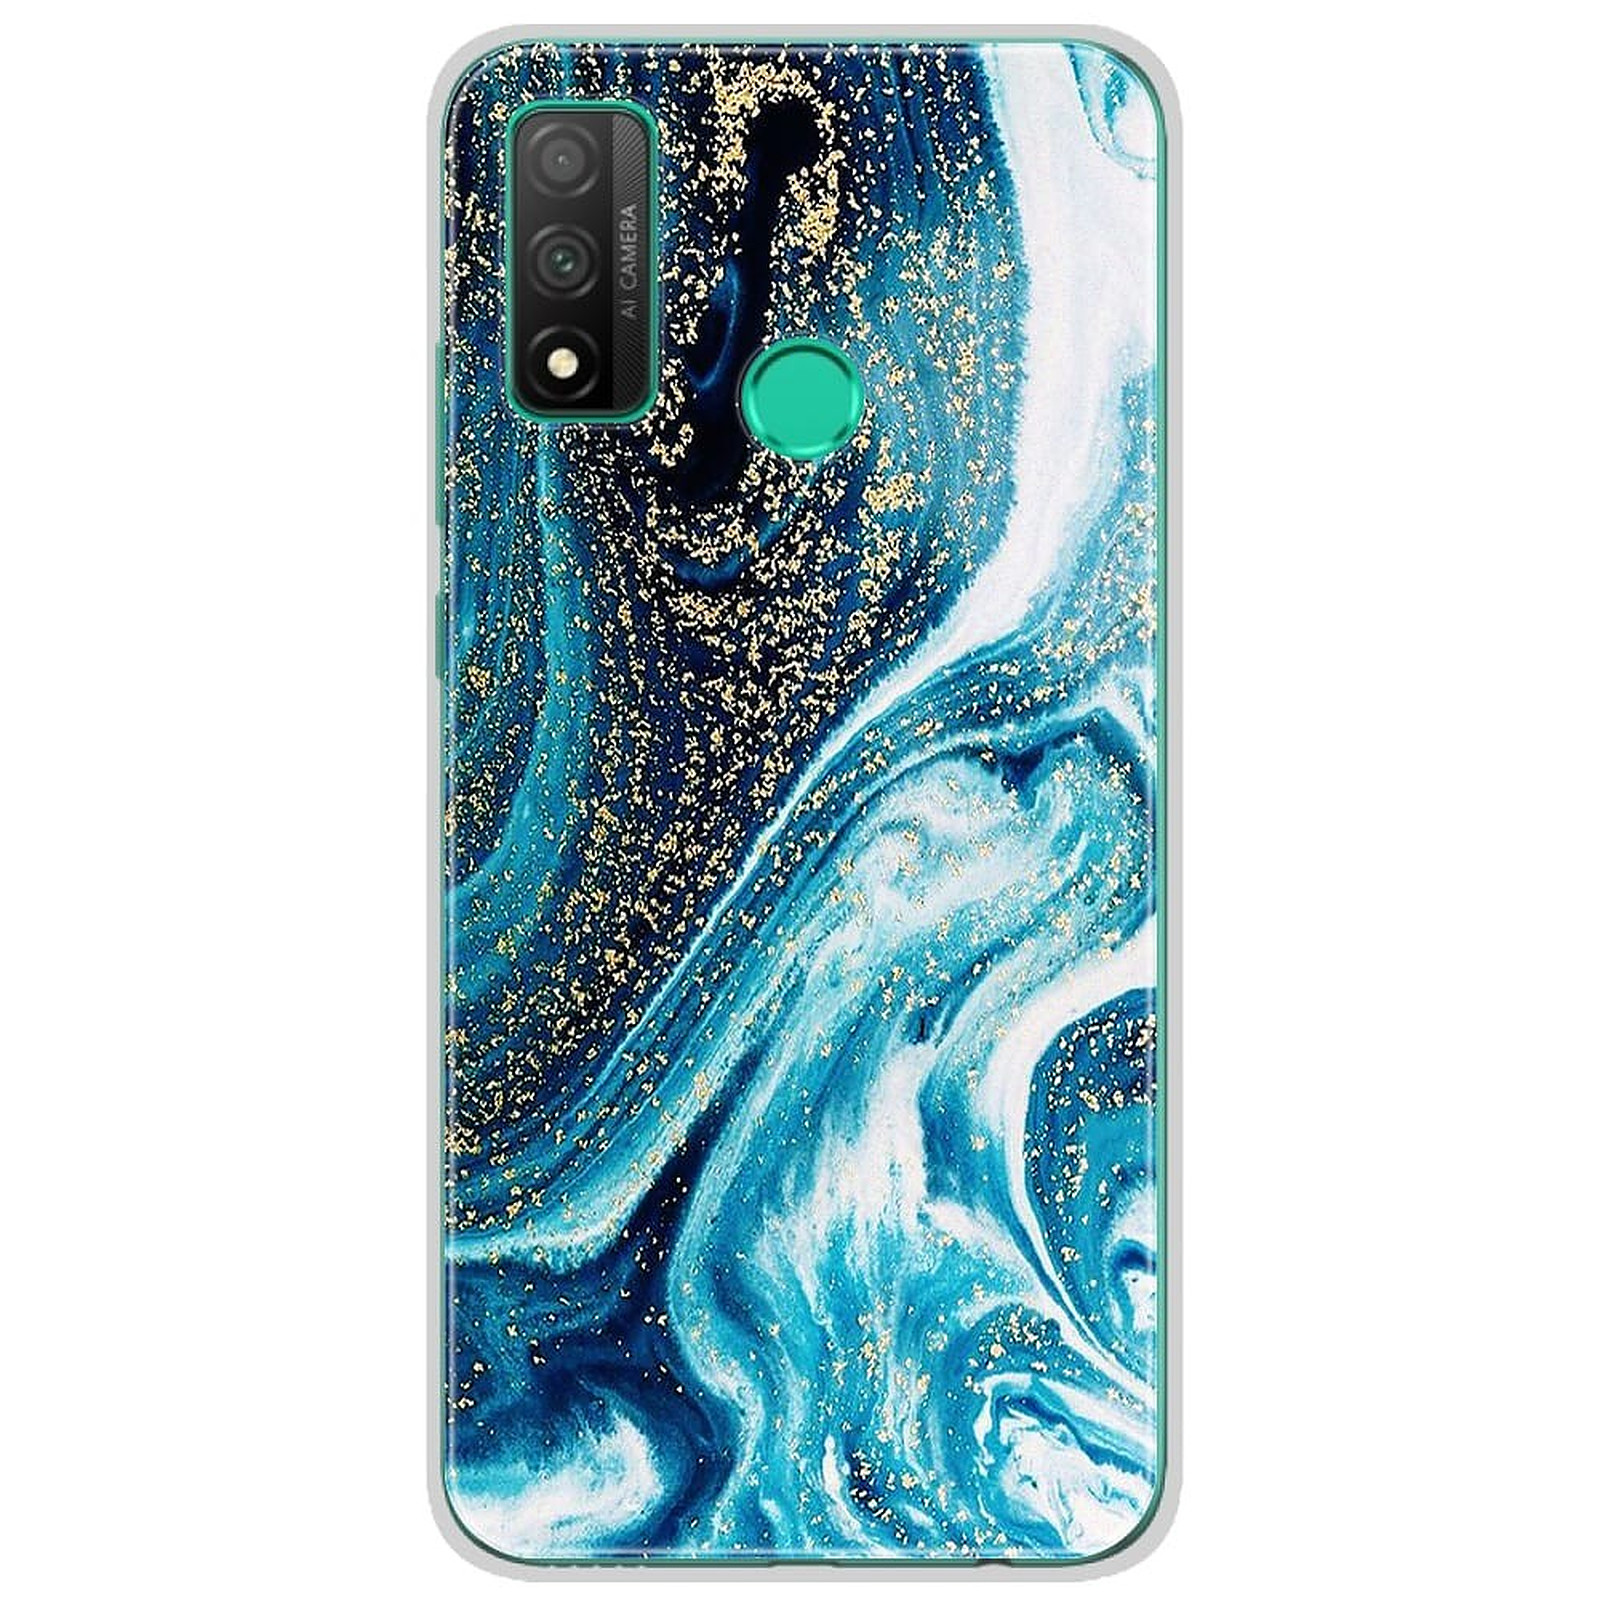 1001 Coques Coque silicone gel Huawei P Smart 2020 motif Marbre Bleu Pailleté